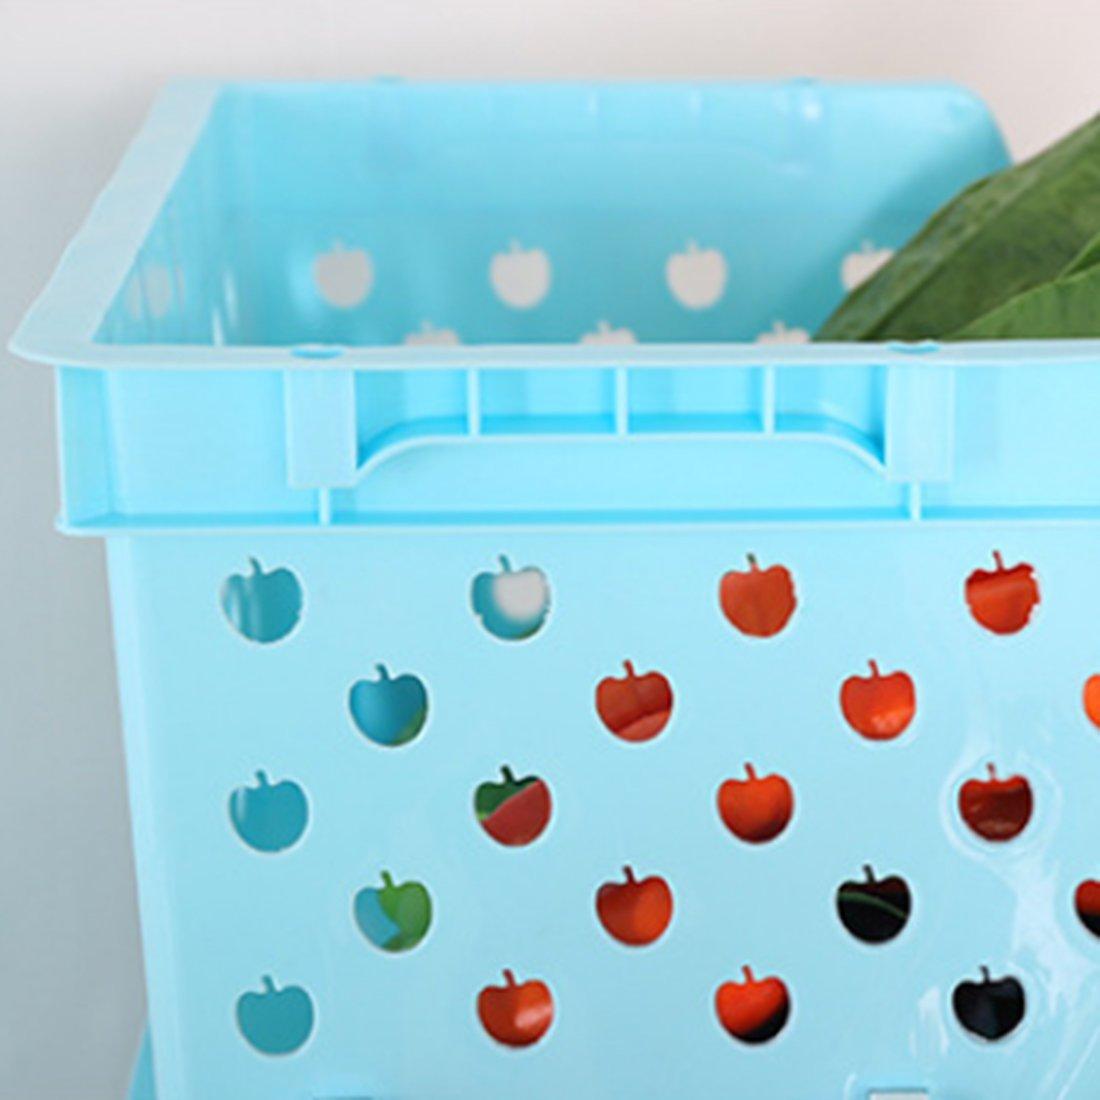 Oignons et Autres Fruits et L/égumes OviTop /Étag/ère /à Fruits et L/égumes Cellier pour Ranger Pommes de Terre 4 Panier a Fruit et L/égume Bacs /à L/égumes